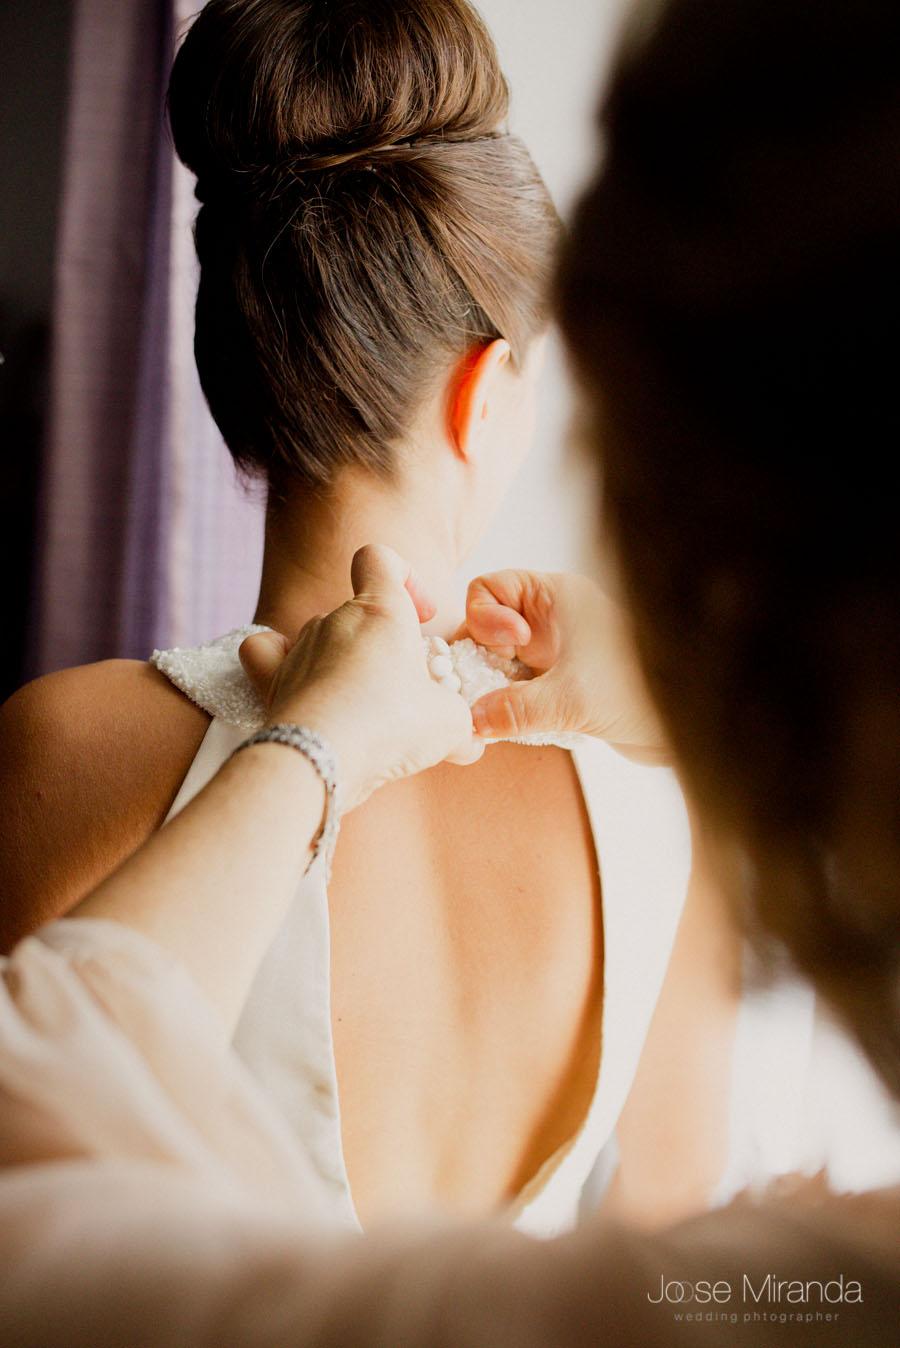 La madre abrochando el vestido de la novia